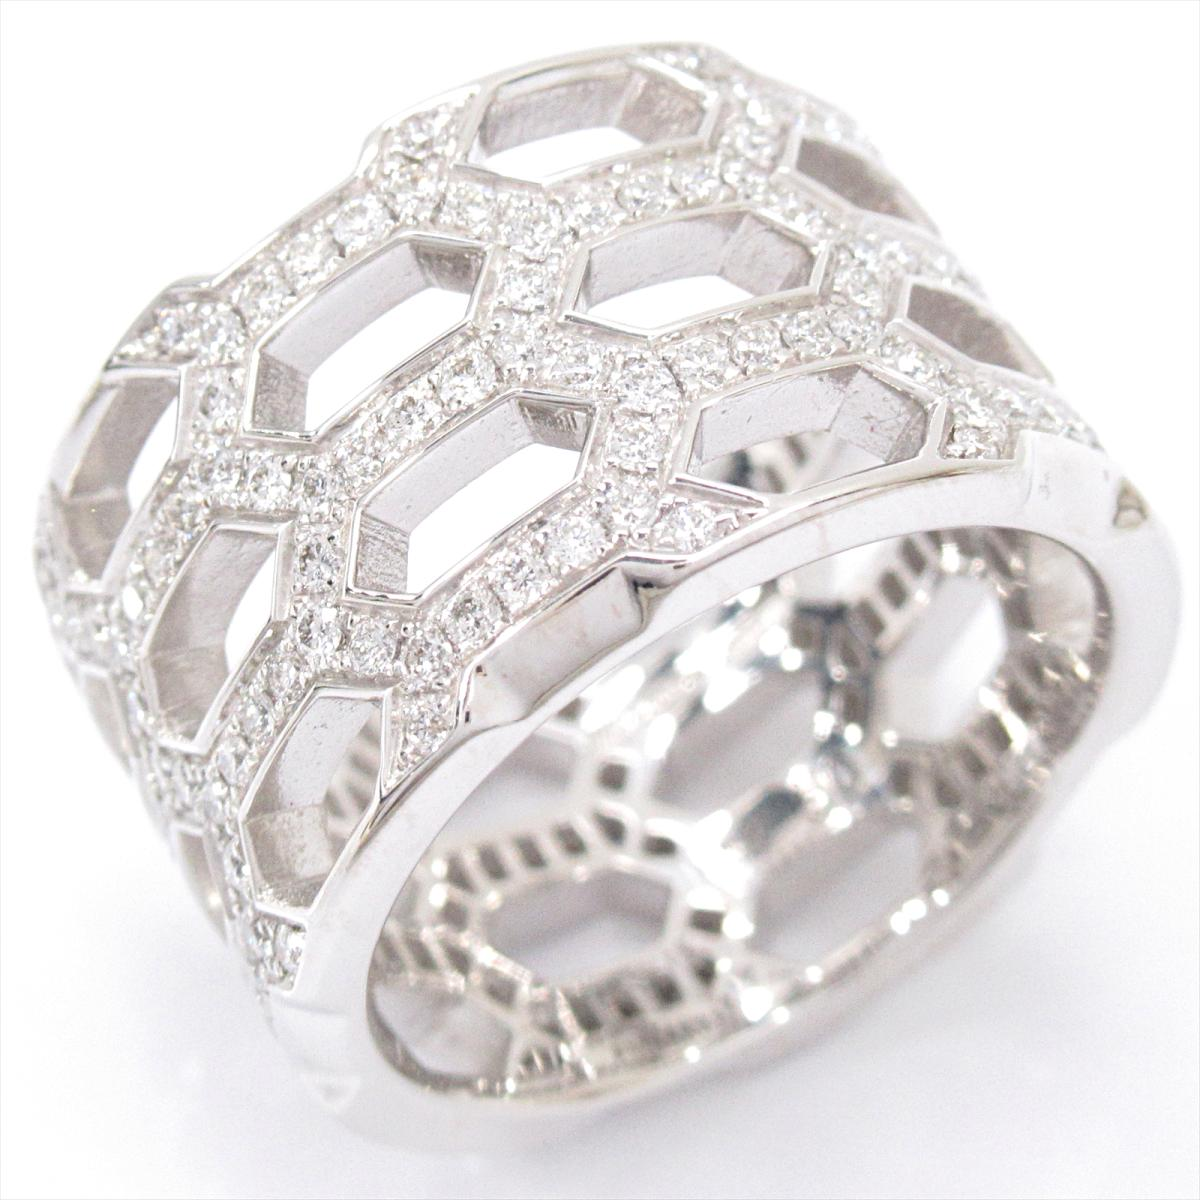 【中古】 ブルガリ セルペンティ ヴァイパー リング 指輪 レディース K18WG (750) ホワイトゴールド x ダイヤモンド | BVLGARI BRANDOFF ブランドオフ ブランド ジュエリー アクセサリー